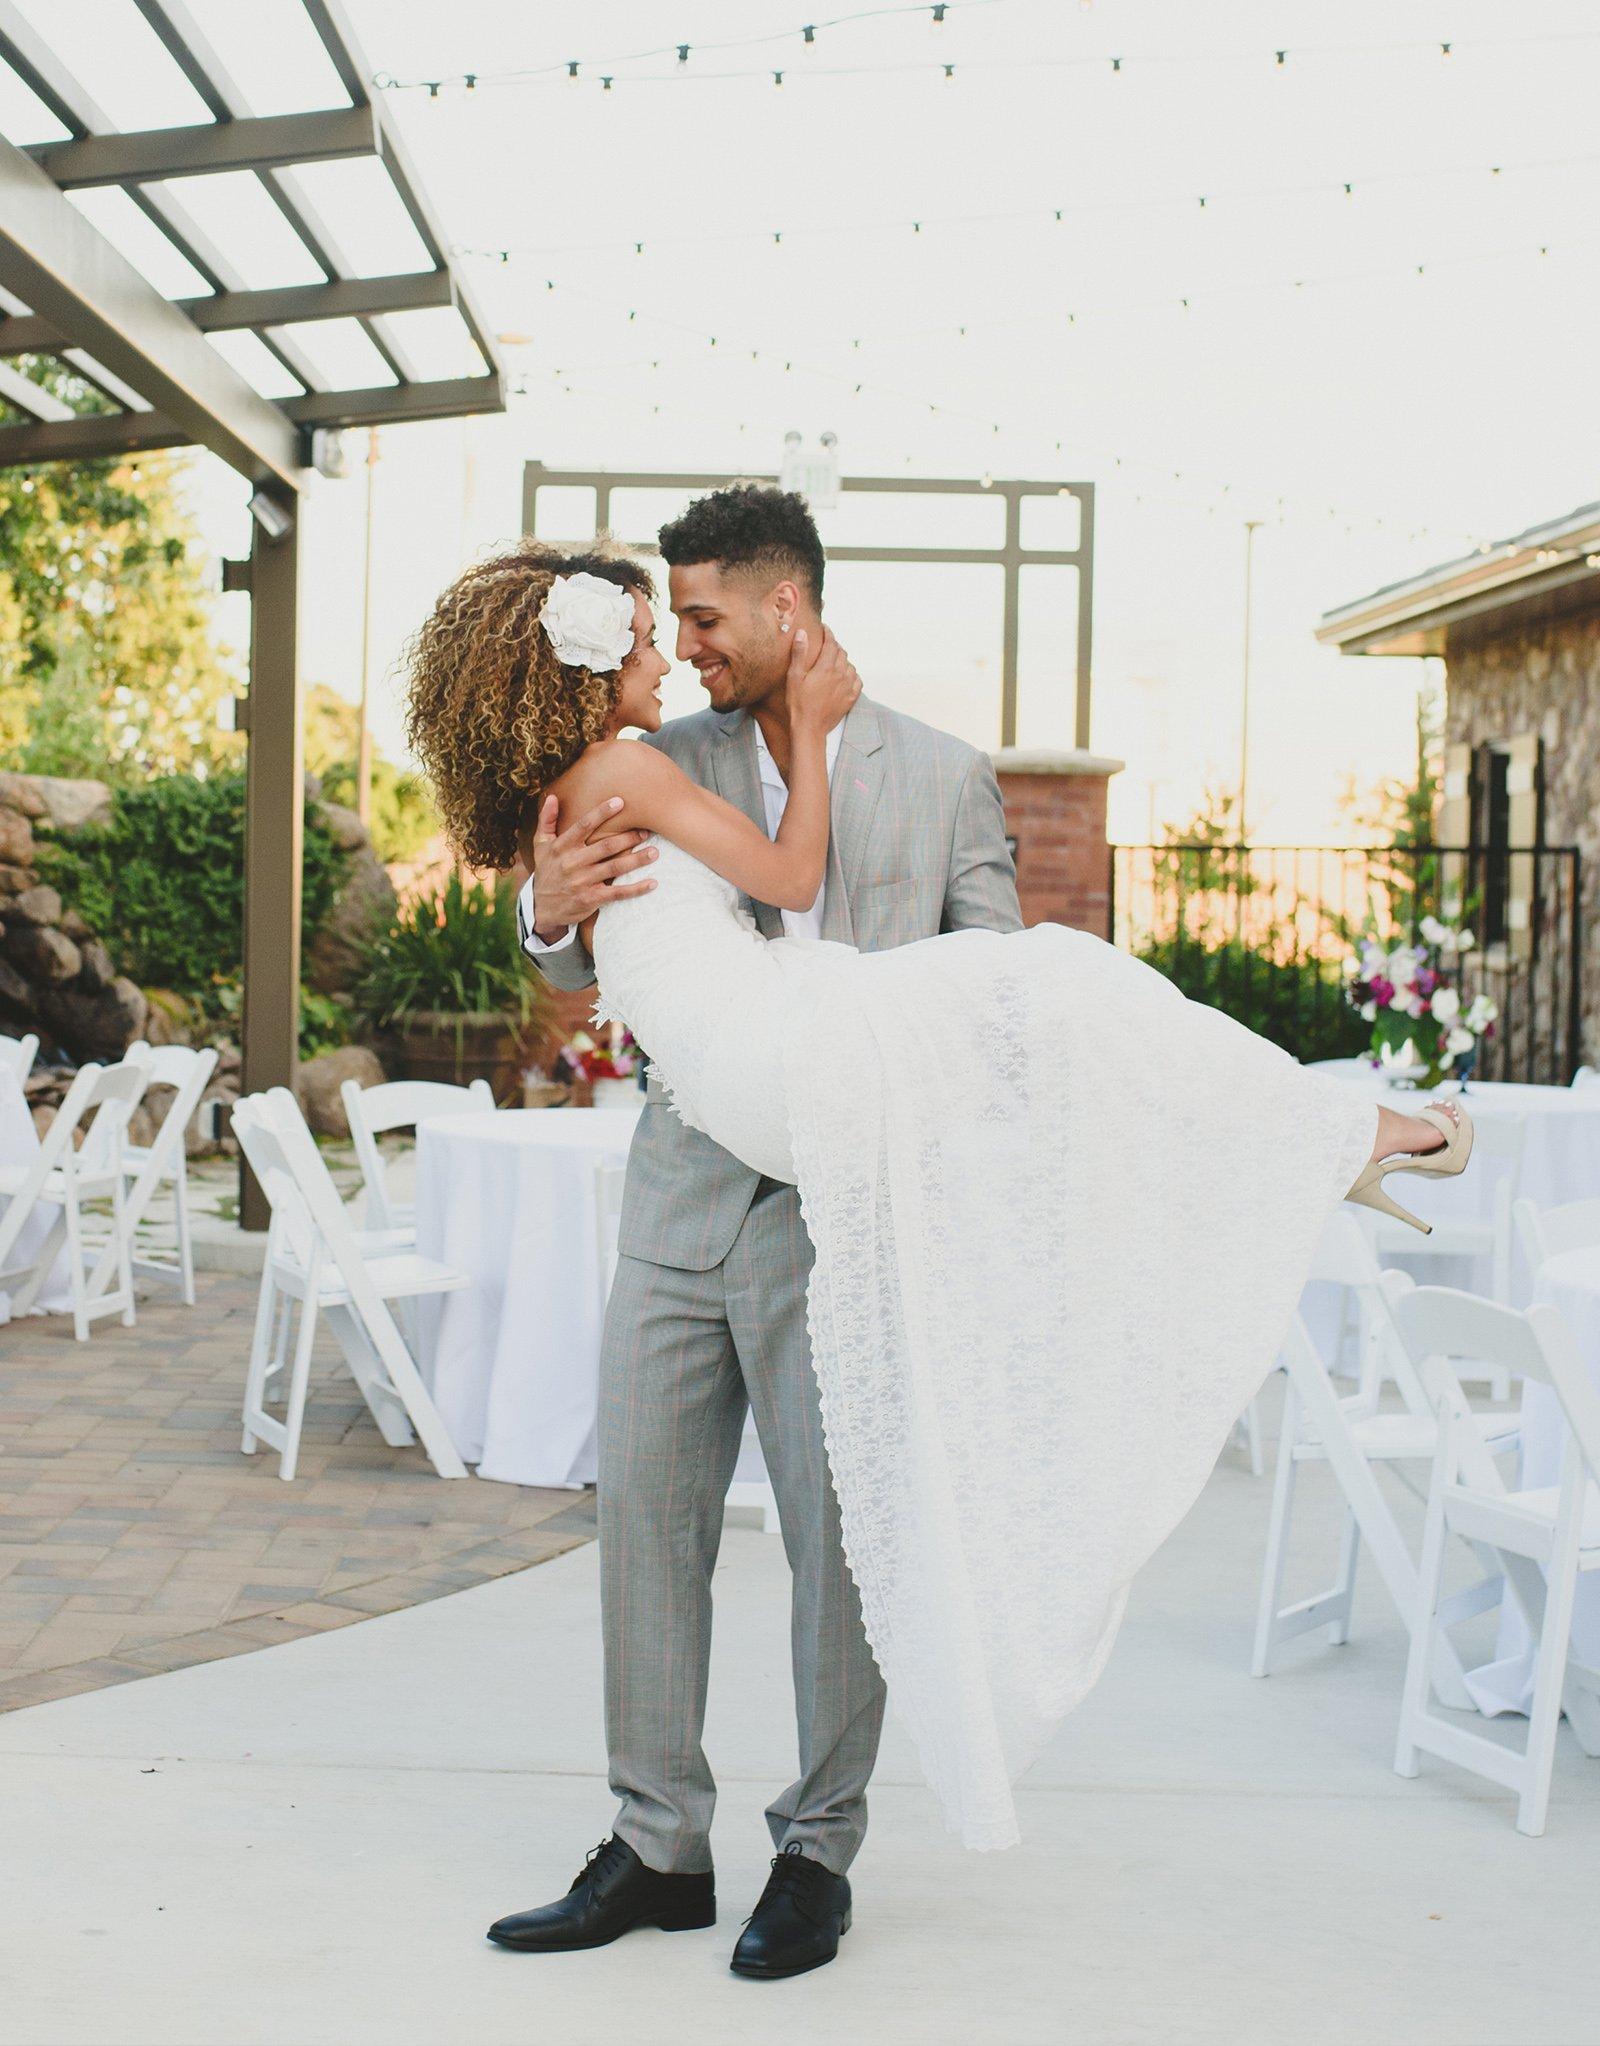 Groom carrying bride - Evergreen Springs - Elk Grove, California - Sacramento County - Wedgewood Weddings